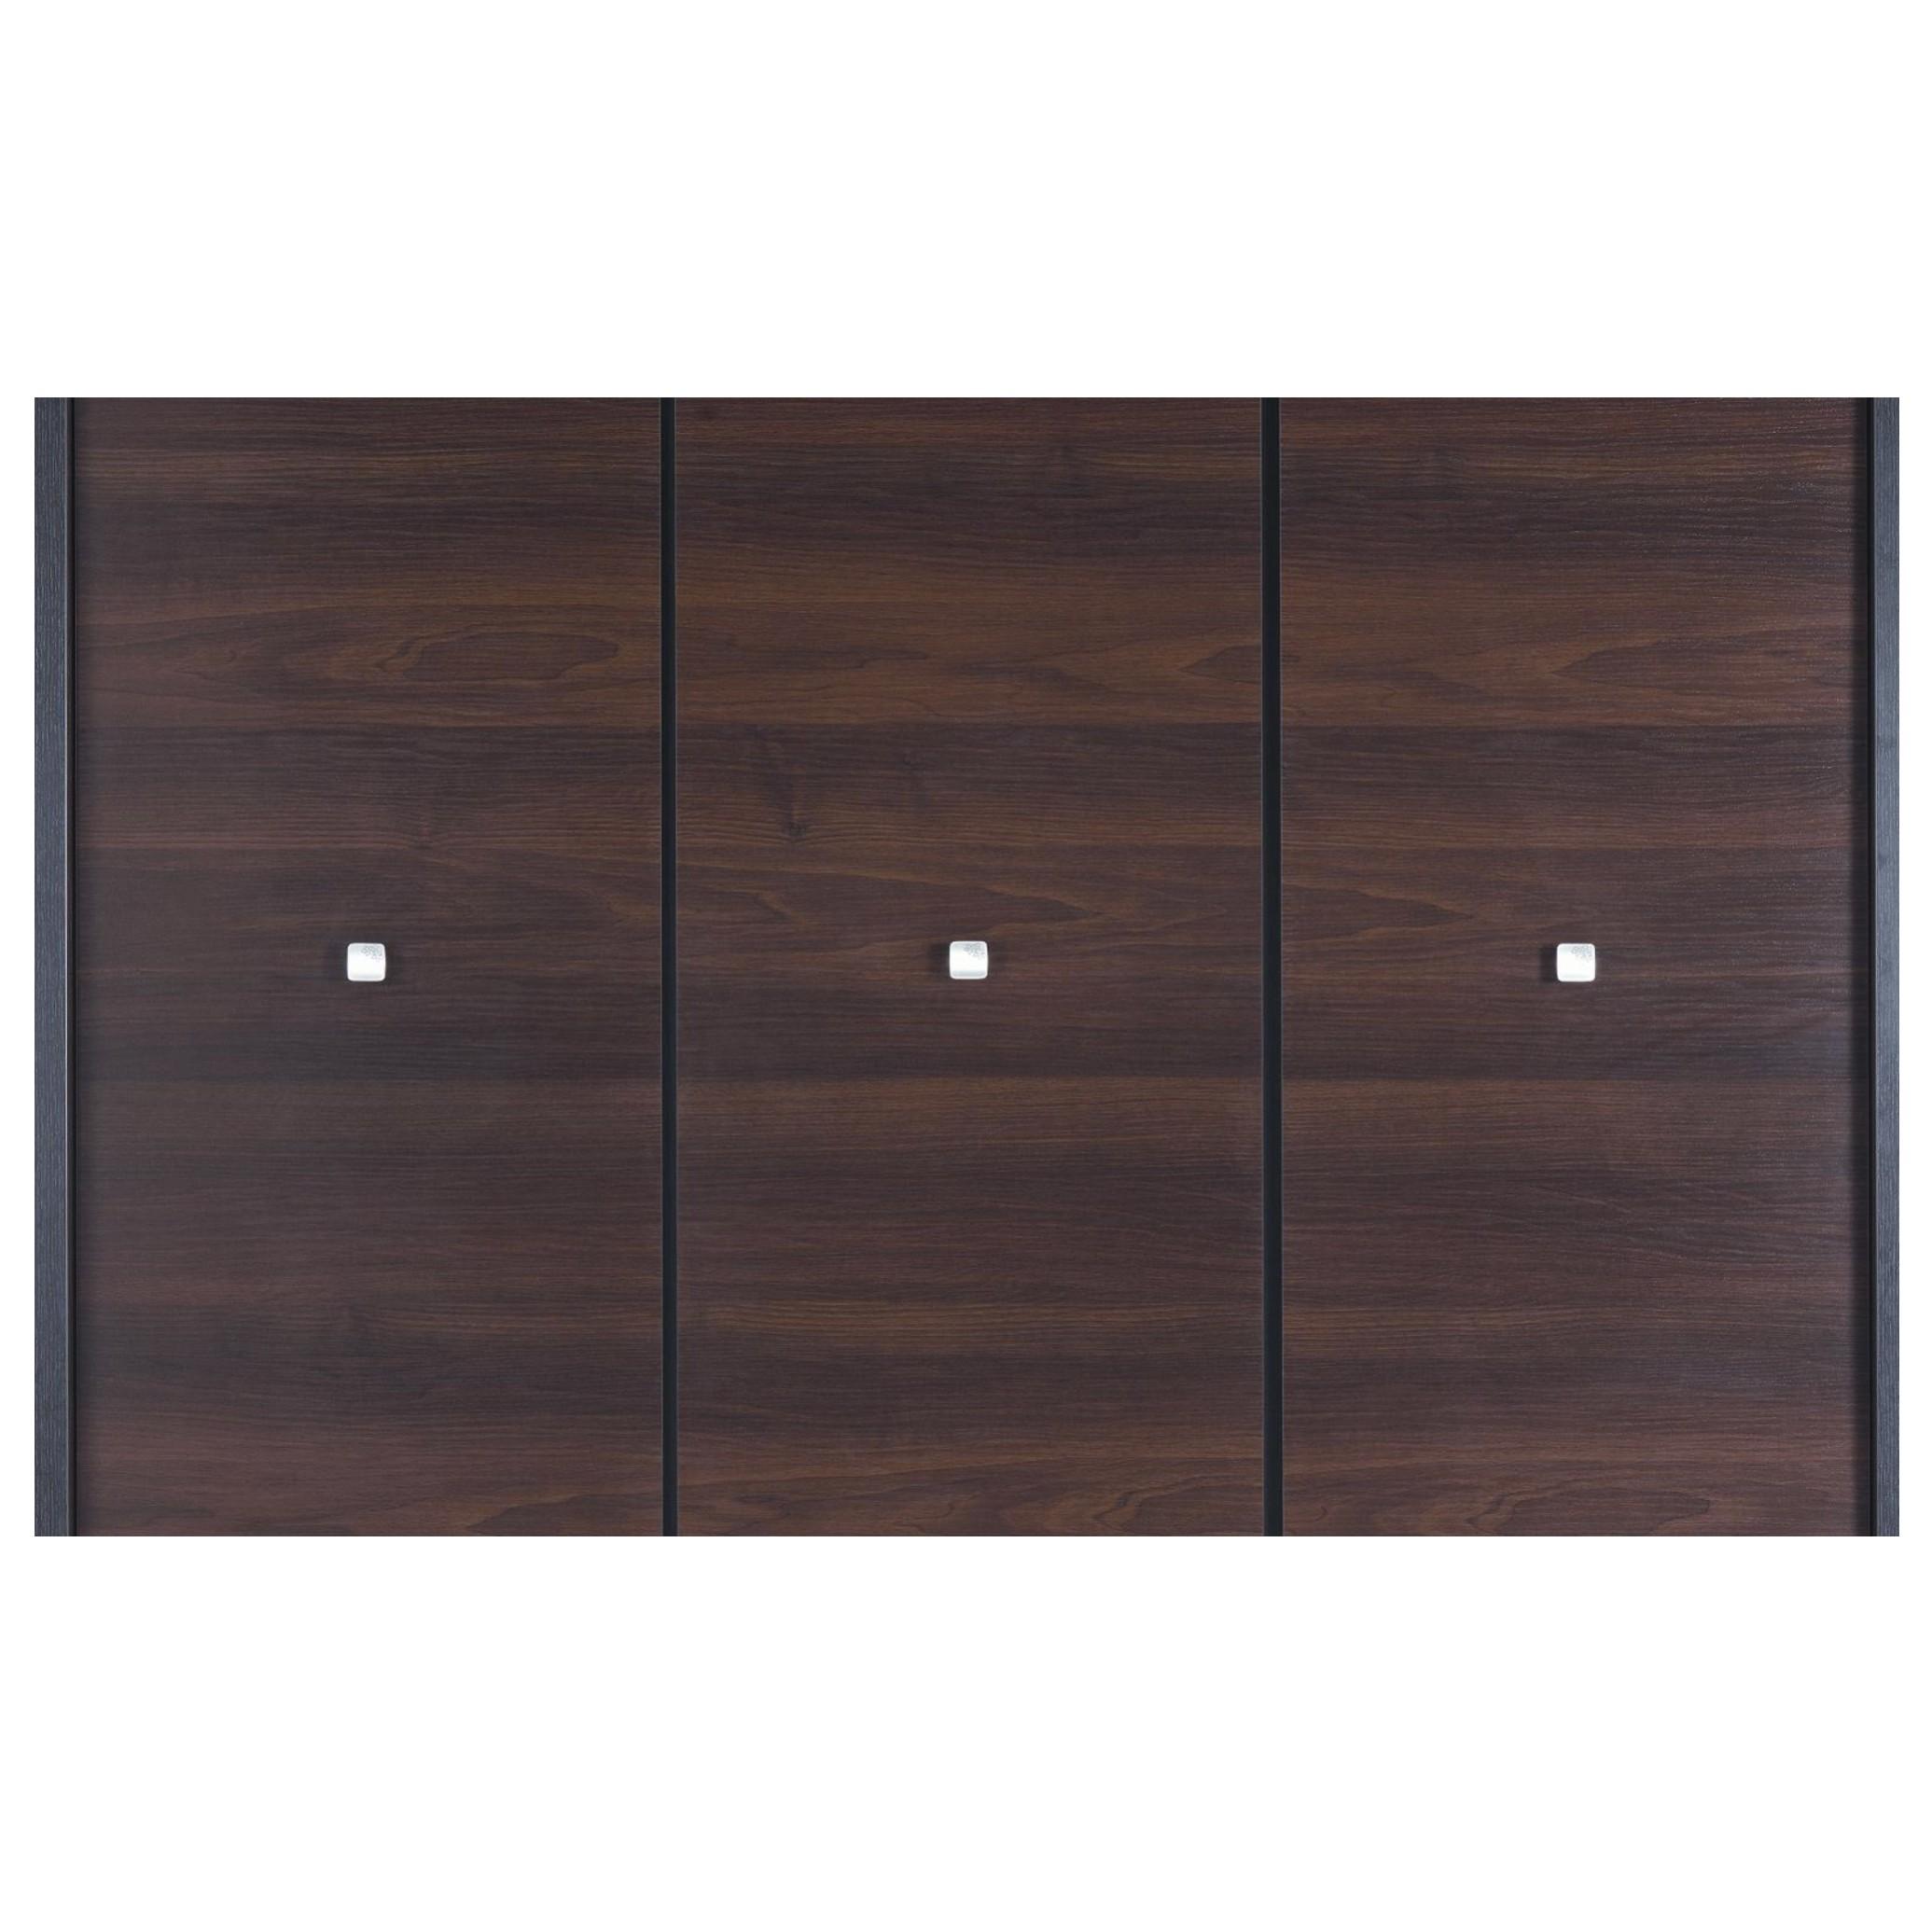 Sconto Šatníková skriňa MALLORCA dekor ořech tmavý 3-dverová šatníková skriňa MALLORCA vyniká kontrastnou kombináciou dekoru tmavého orecha a chrómovaných rúčok.